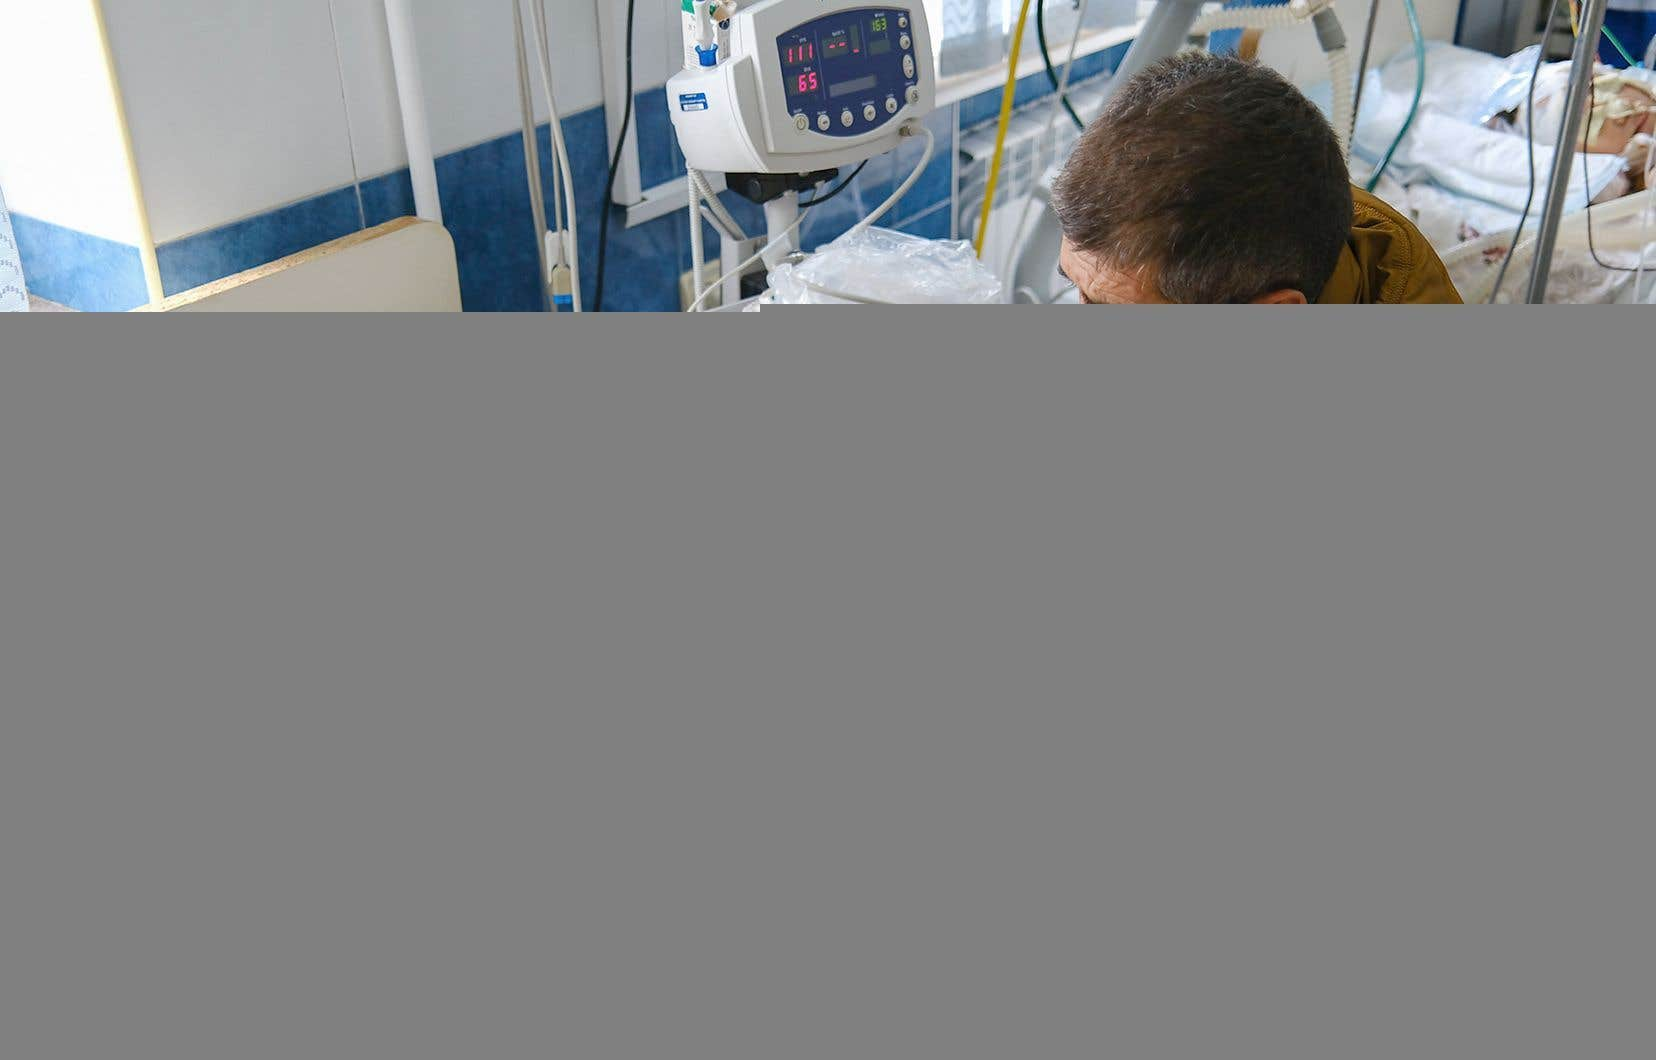 Le bilan, incomplet, du conflit en entre l'Arménie et l'Azebaïdjan s'établissait lundi soir à 95 morts, dont 11 civils: 9 en Azerbaïdjan et 2 côté arménien. Sur la photo, un père prend soin de son enfant blessé dans des bombardements survenus dans le Haut-Karabakh.